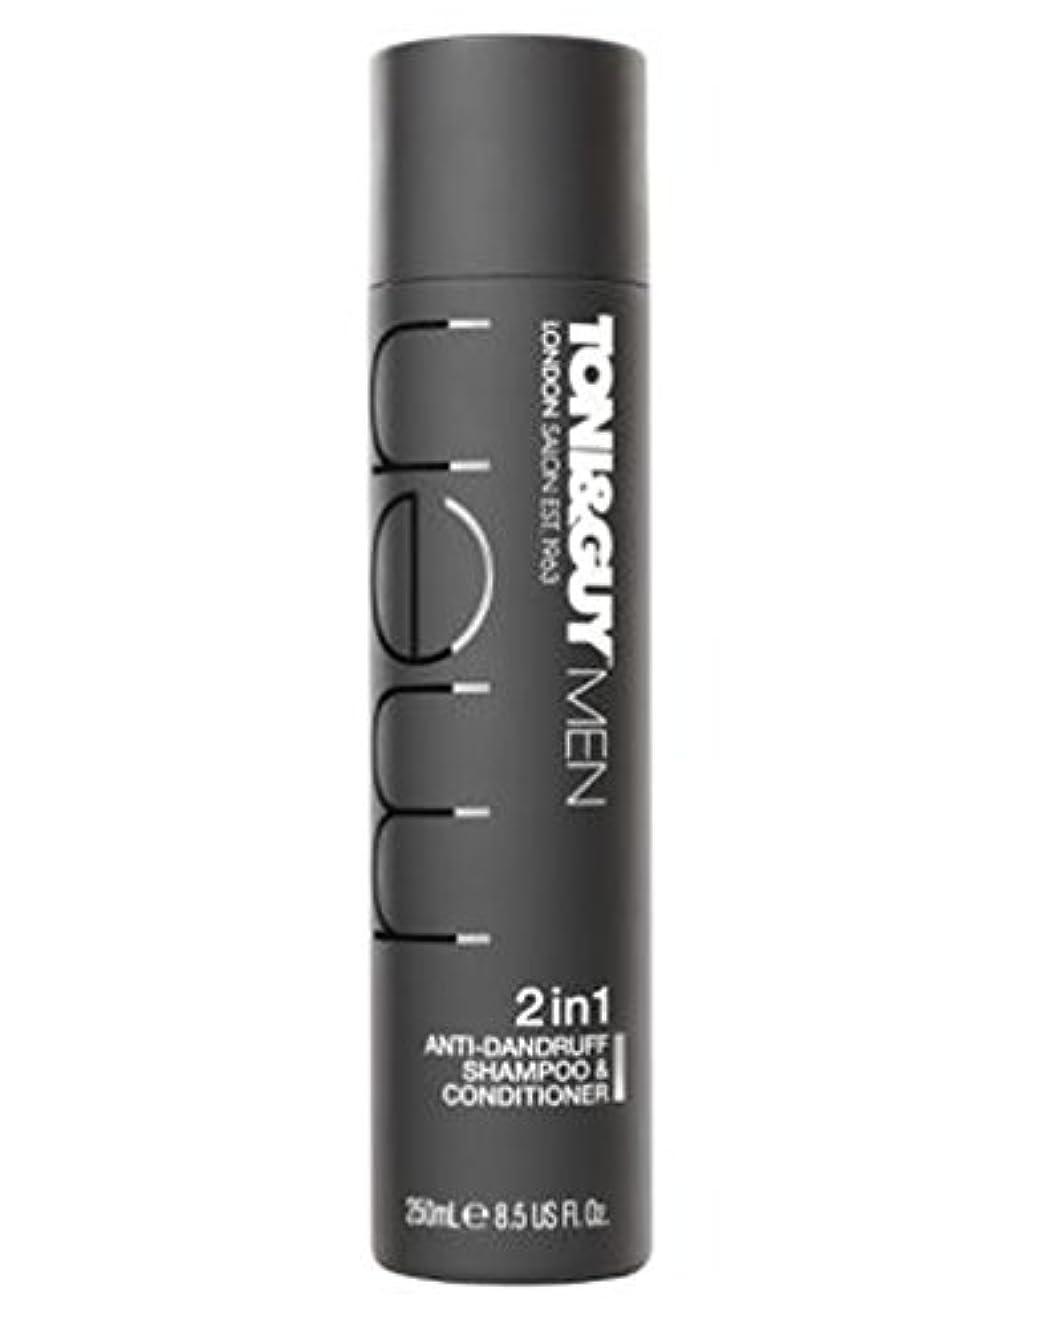 ホーン最も早い混雑Toni&Guy Men Anti-dandruff shampoo & conditioner 250ml - トニ&男男性のフケ防止シャンプー&コンディショナー250ミリリットル (Toni & Guy) [並行輸入品]